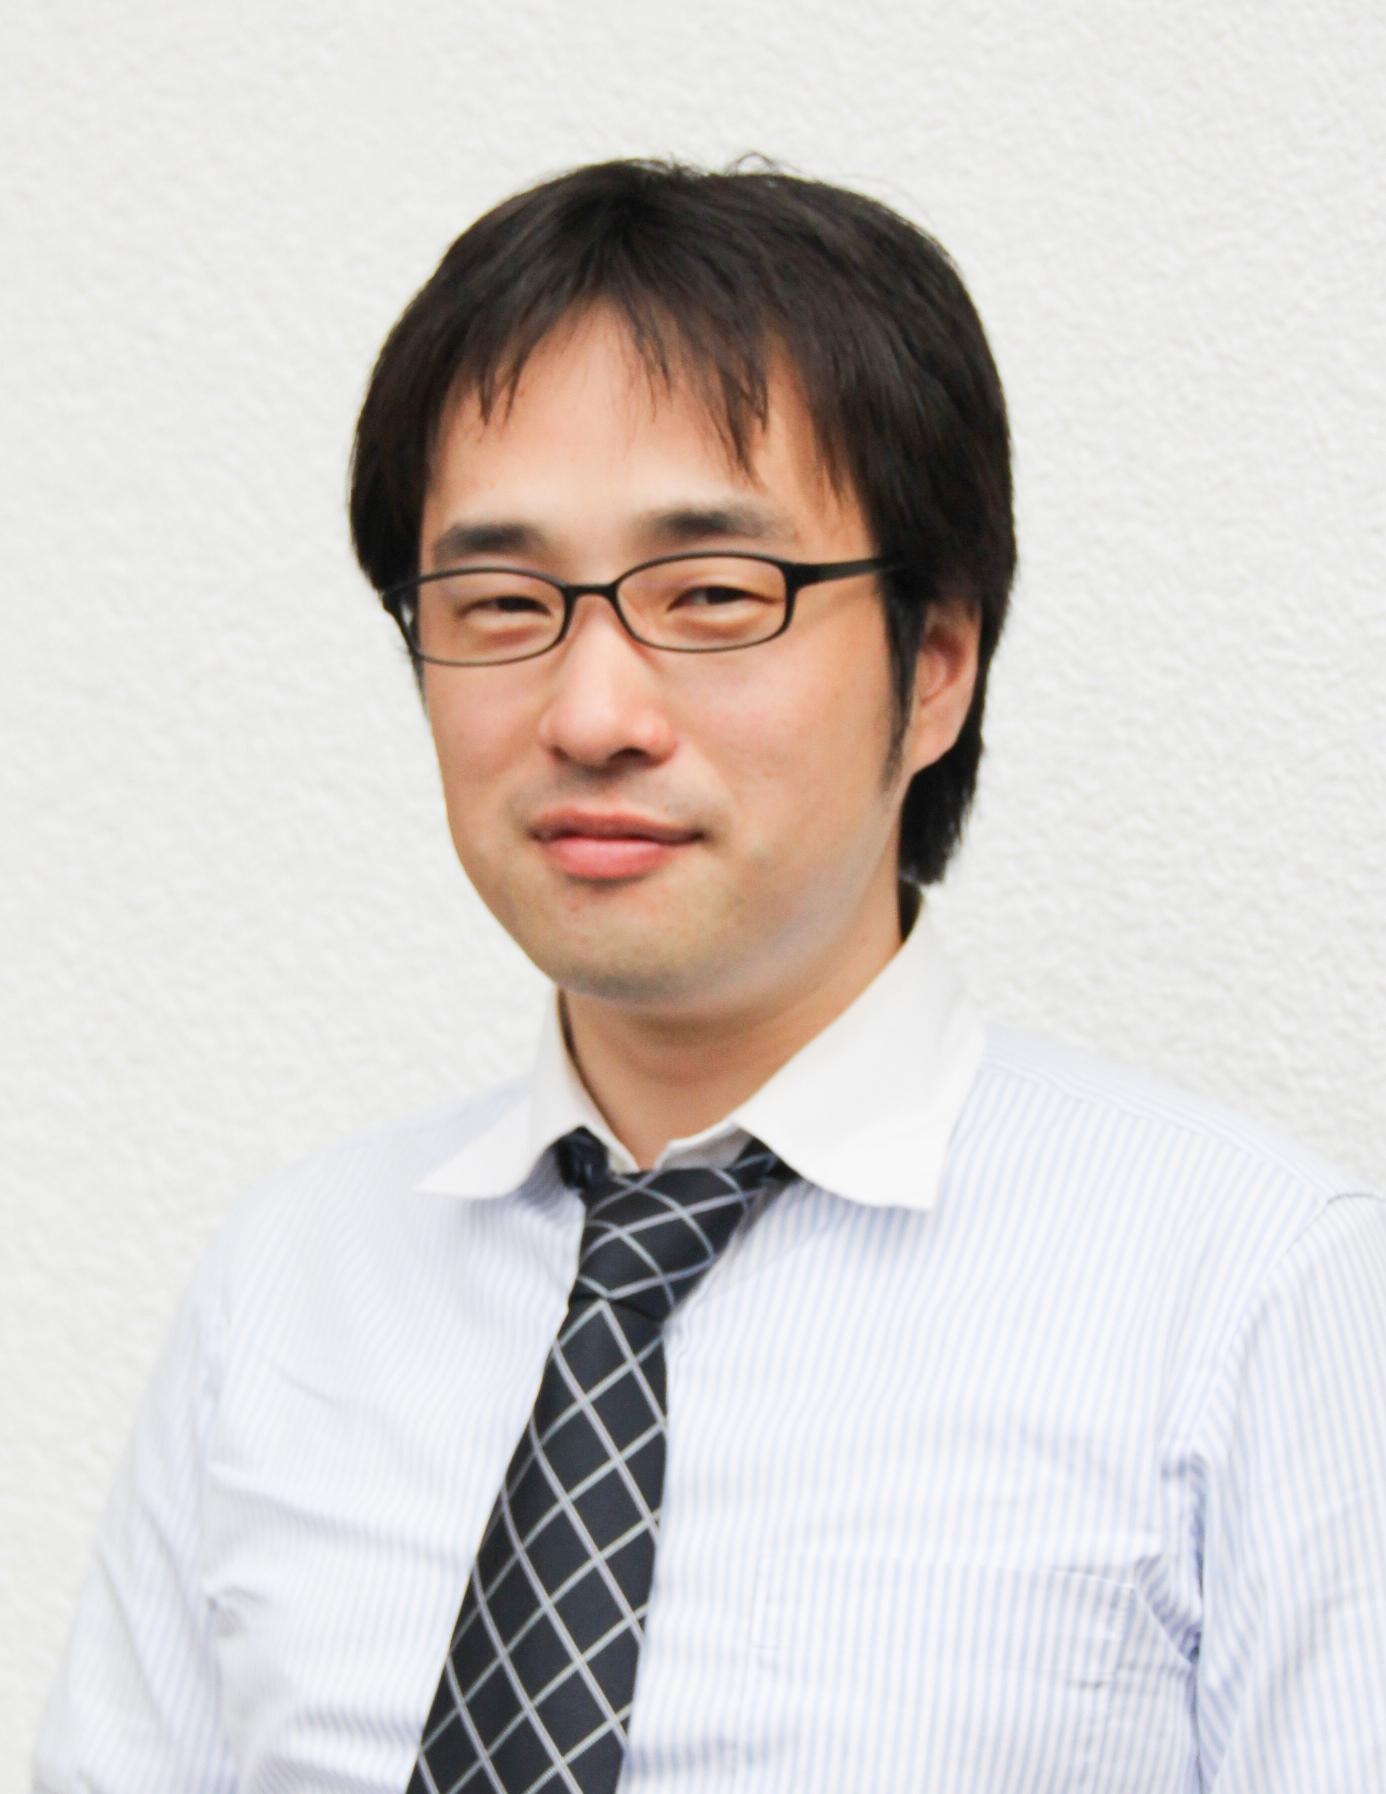 小嶋顔写真